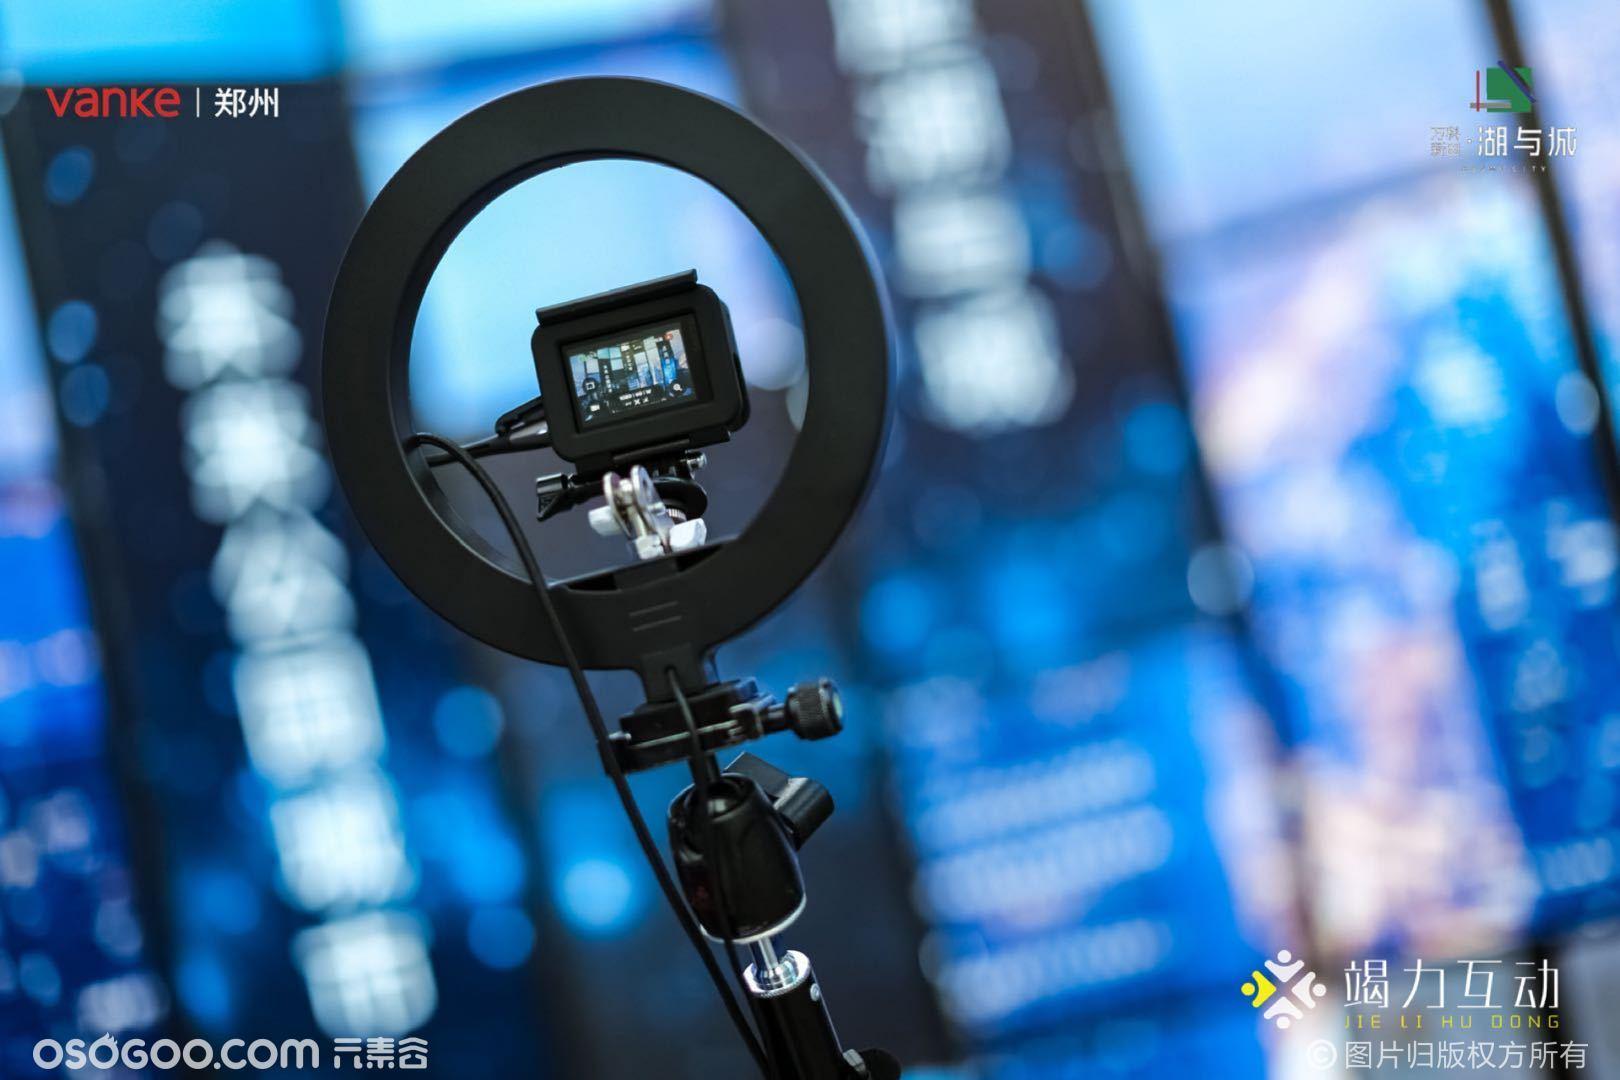 360旋转升格拍照万科·新田 湖与城